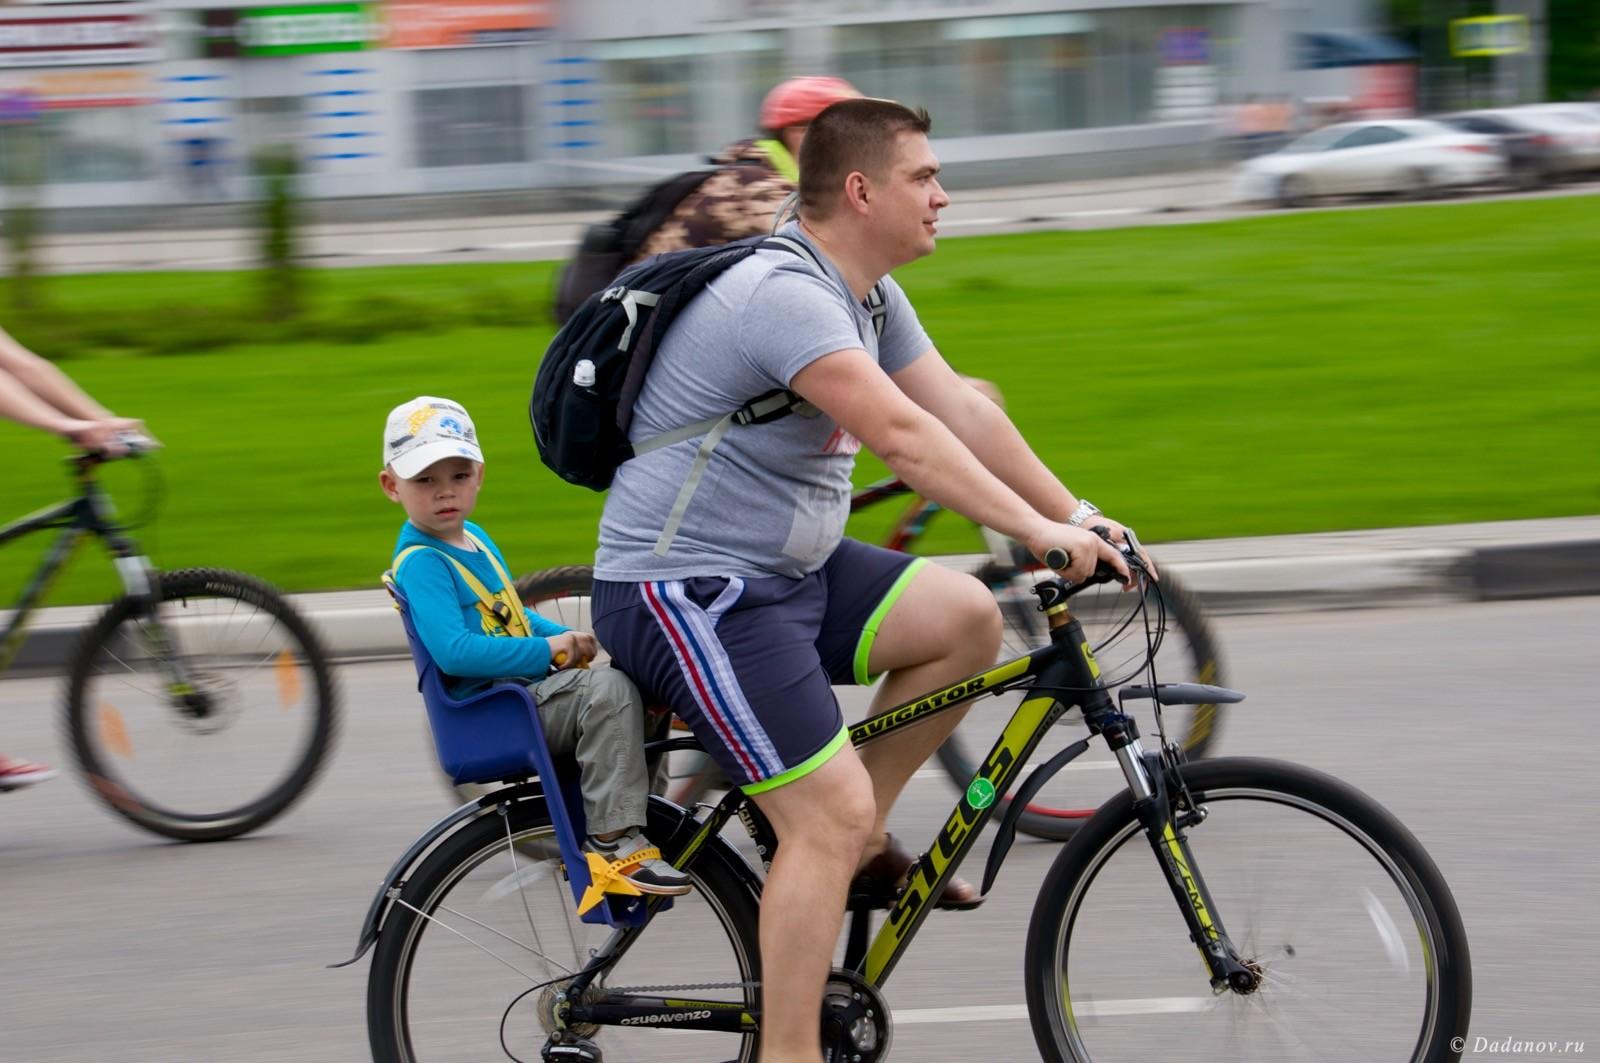 Велодень 2016 в Липецке состоялся. Фотографии с мероприятия 3027